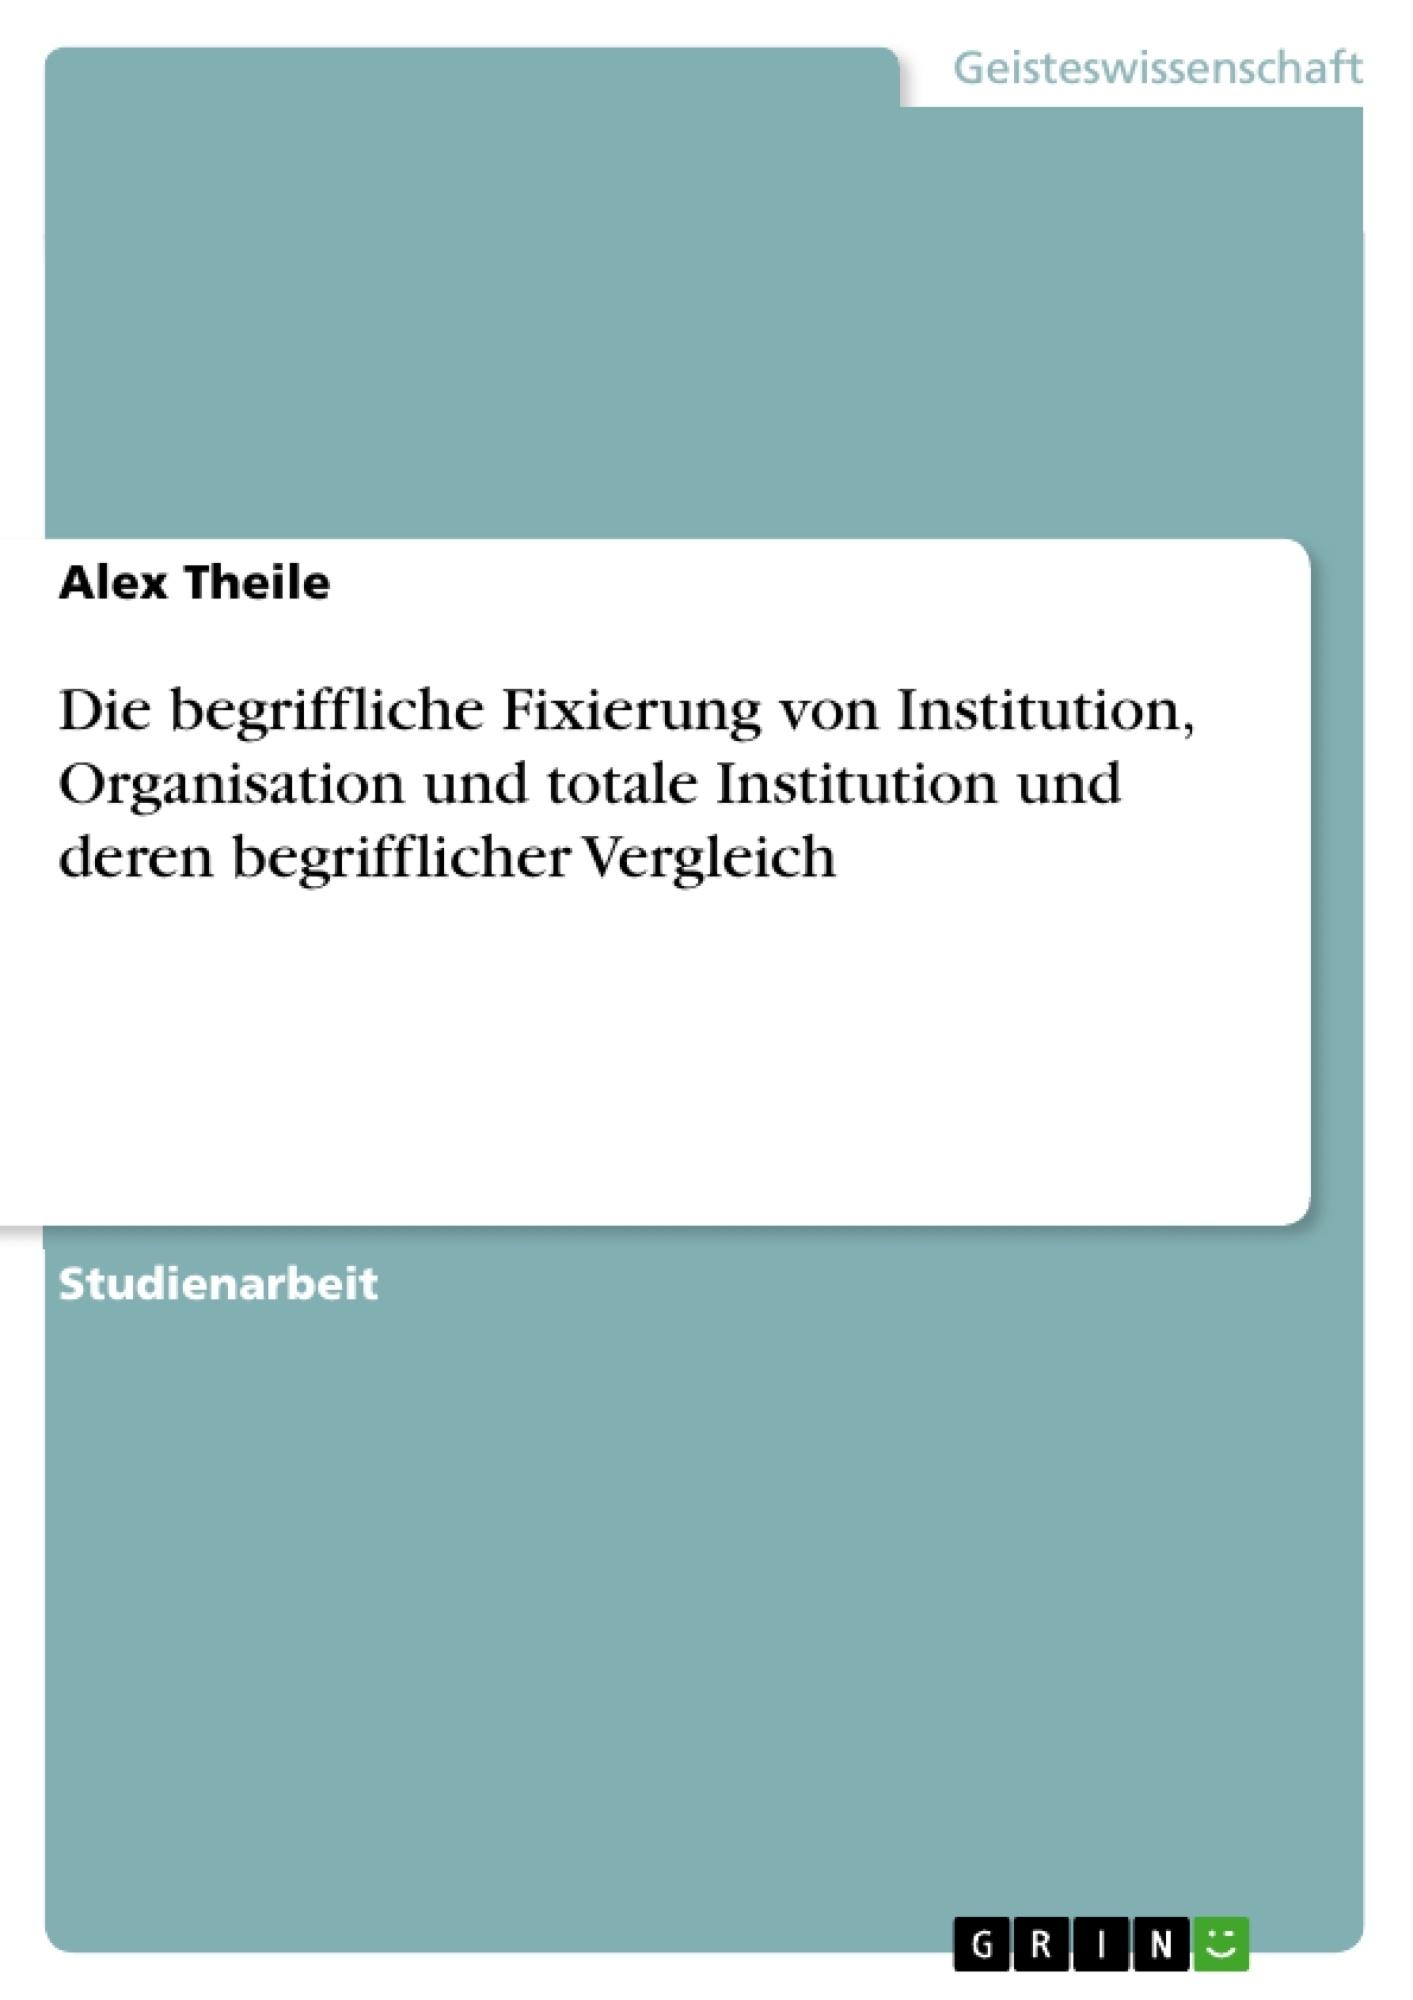 Titel: Die begriffliche Fixierung von Institution, Organisation und totale Institution und deren begrifflicher Vergleich